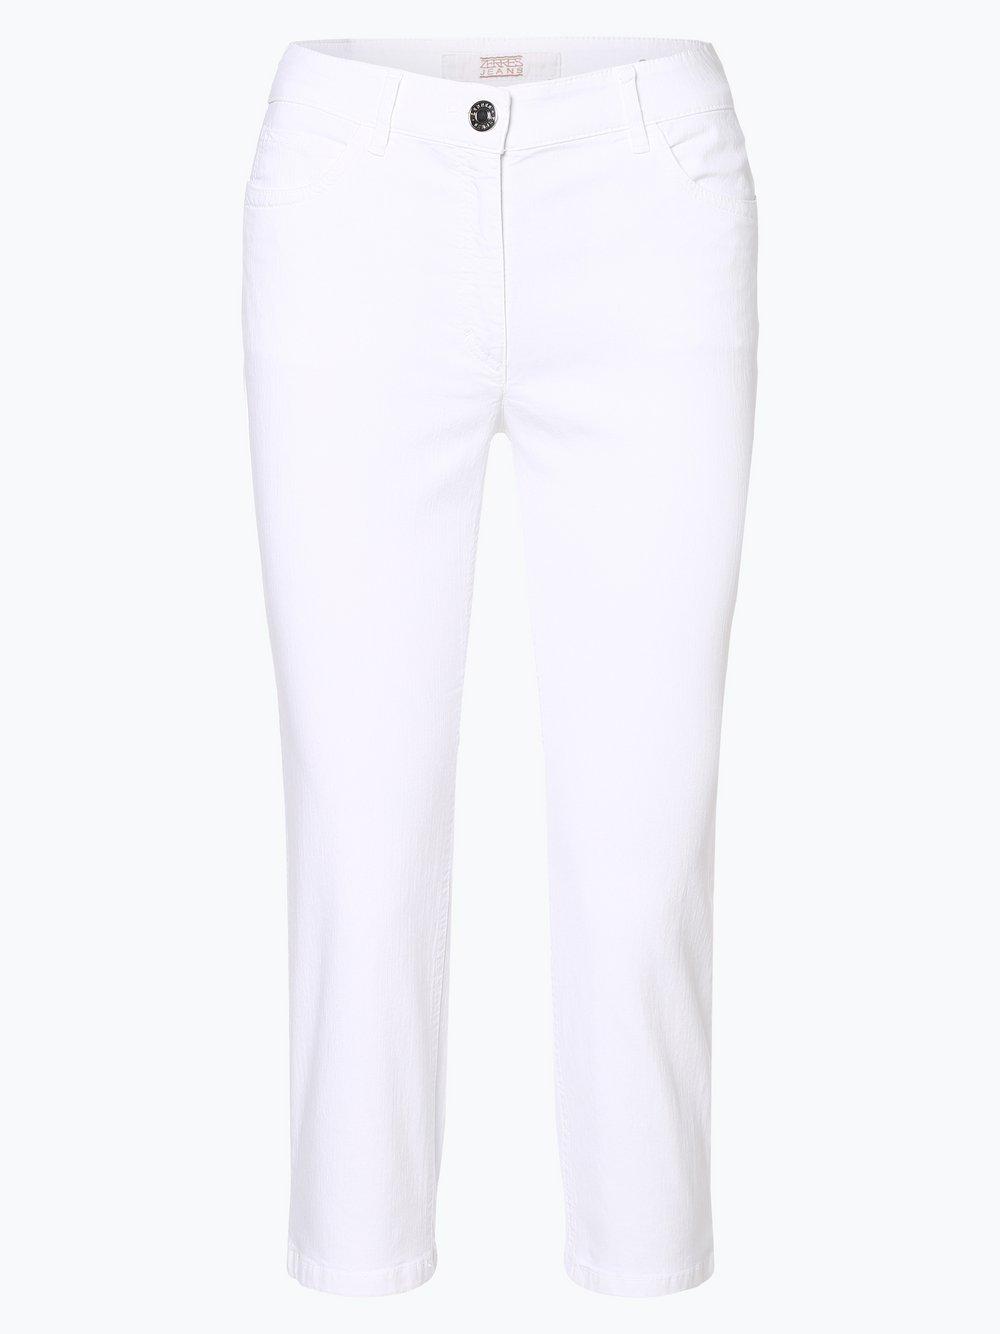 Zerres - Spodnie damskie, biały